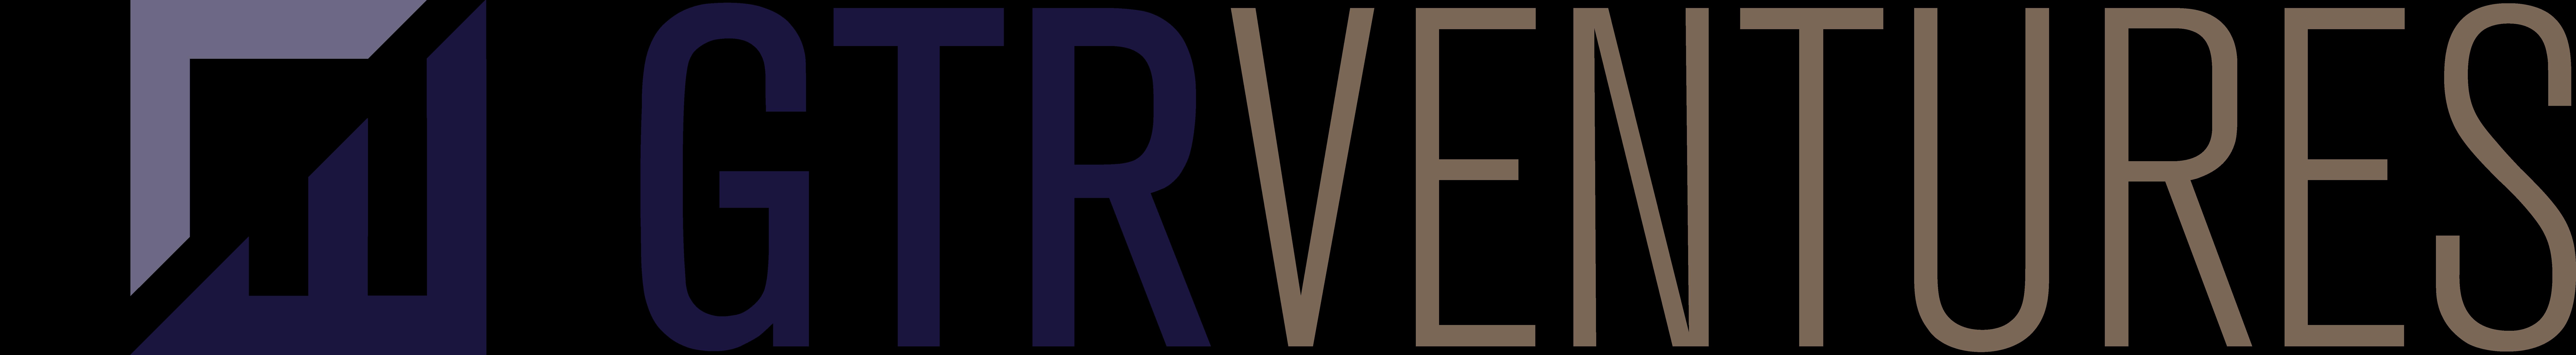 GTRVentures